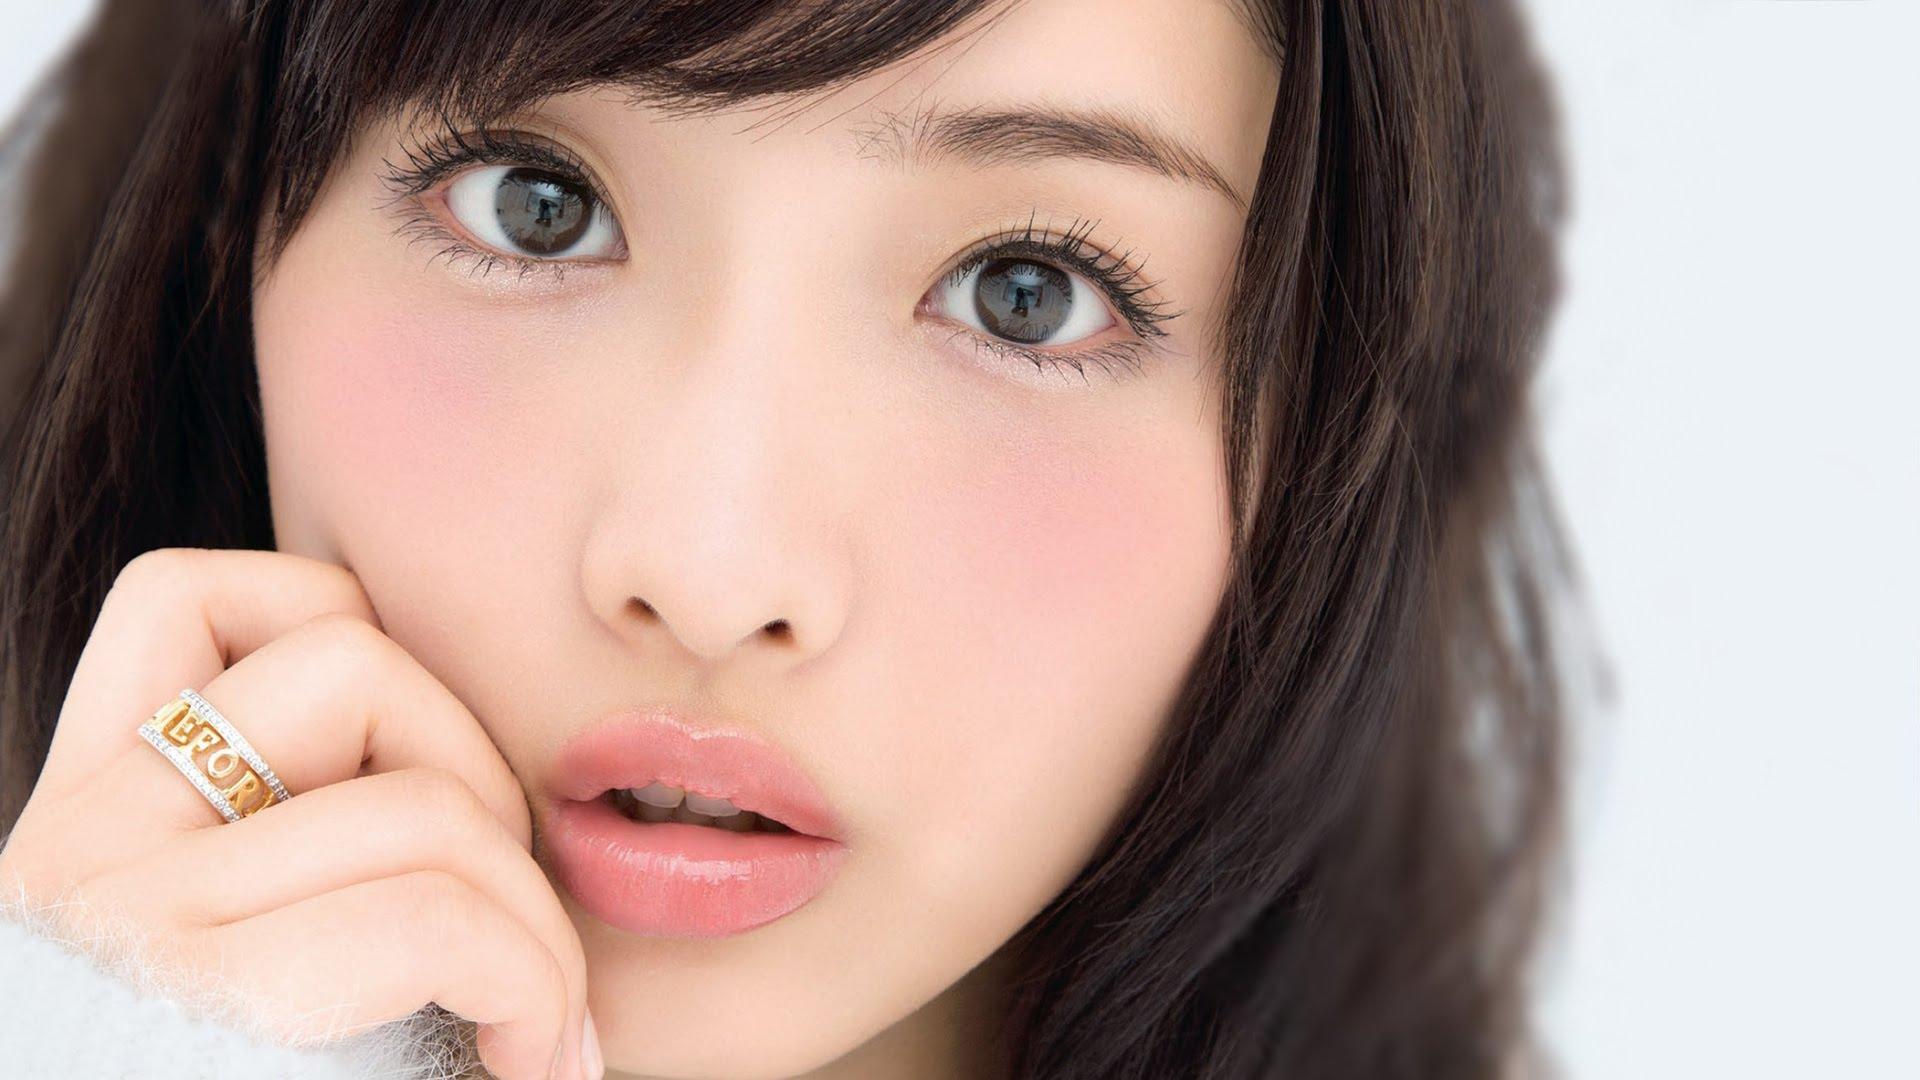 目指すは石原さとみさん♡愛されぷっくリップを作る口紅の使い方のサムネイル画像